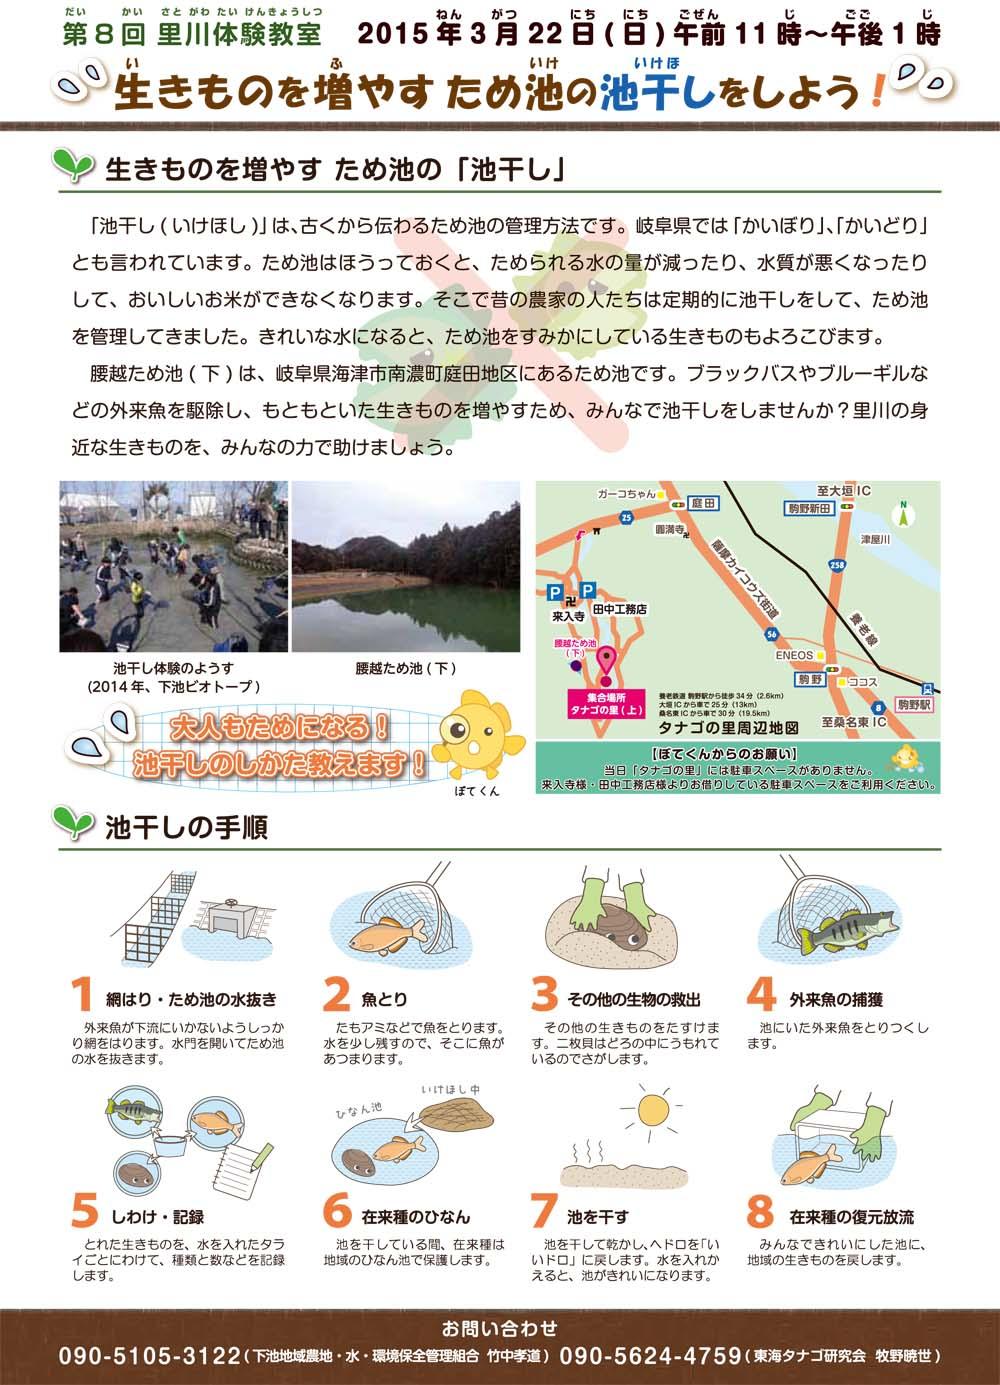 20150322里川体験教室_裏